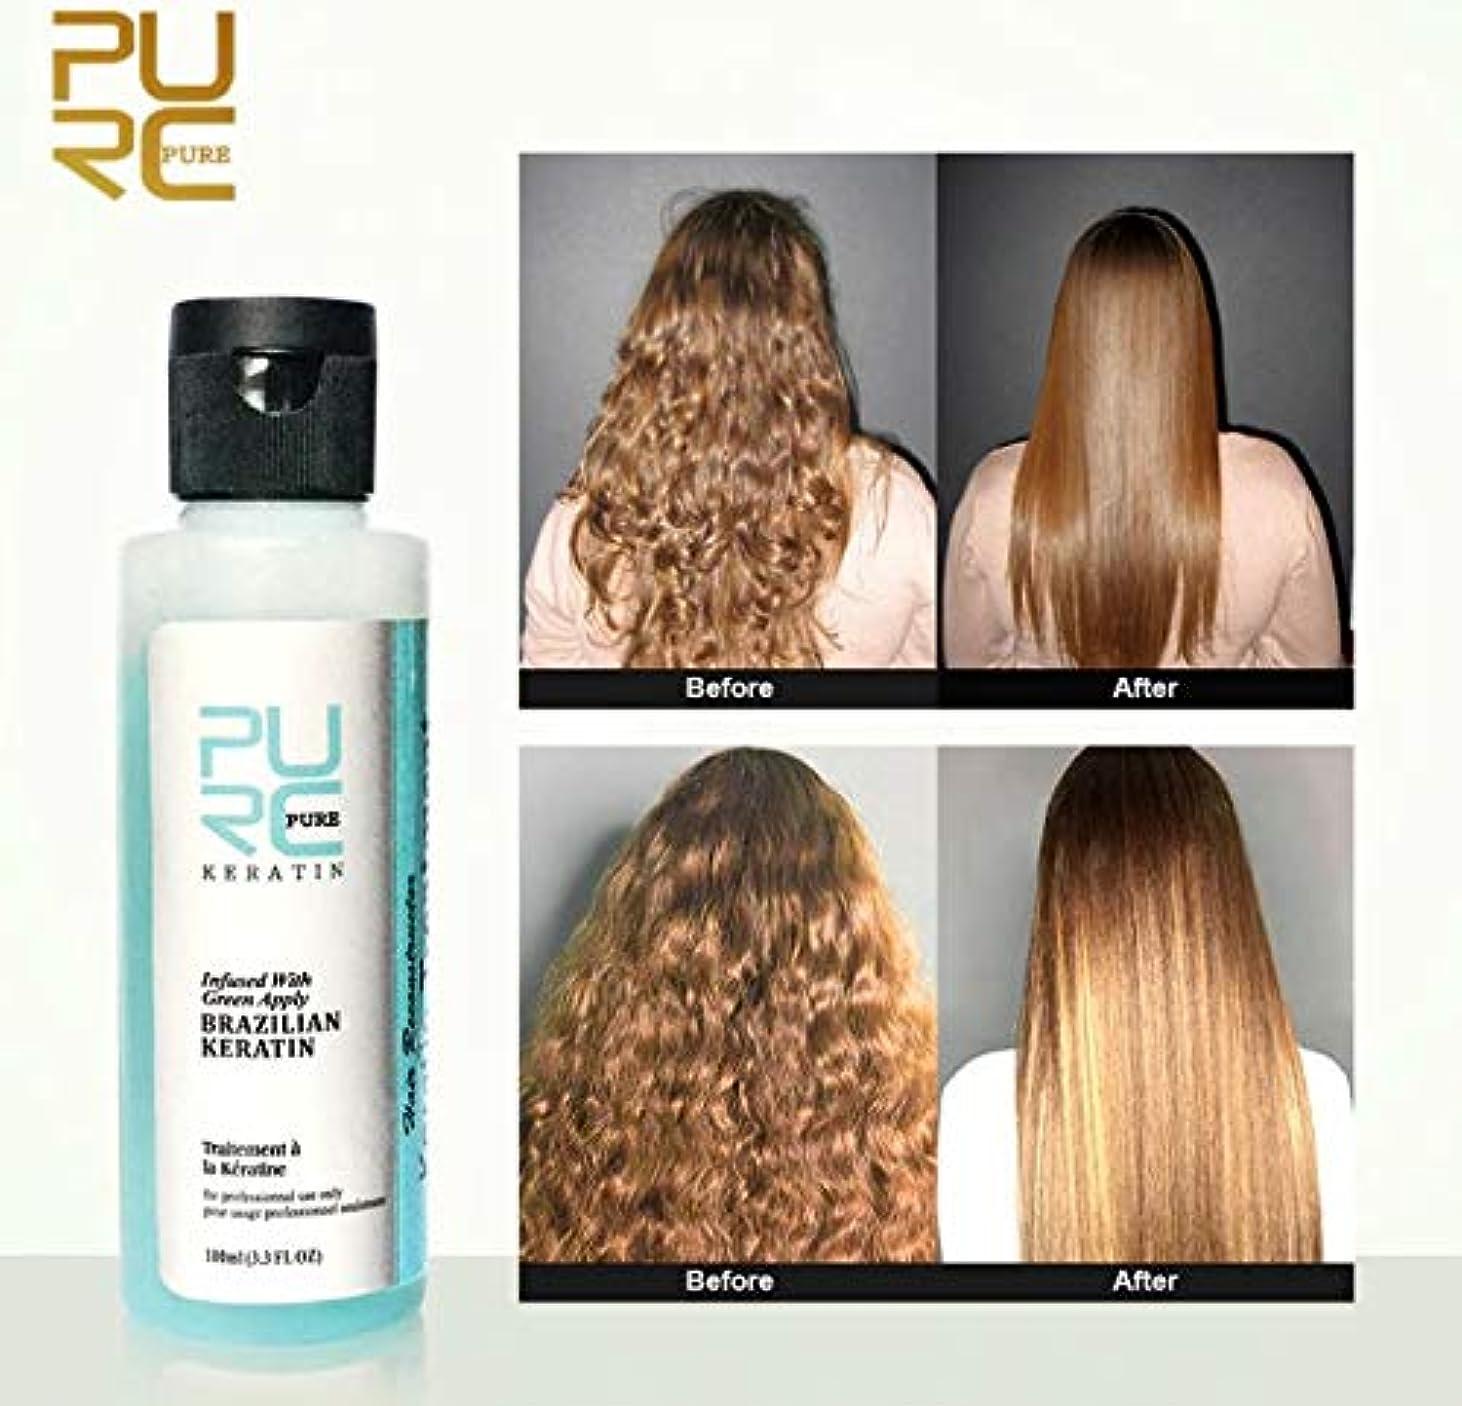 床簡単な温室PURC 3.7% Apple Flavor Keratin Treatment Straightening Hair Repair Damage Frizzy Hair Brazilian Keratin Treatment...